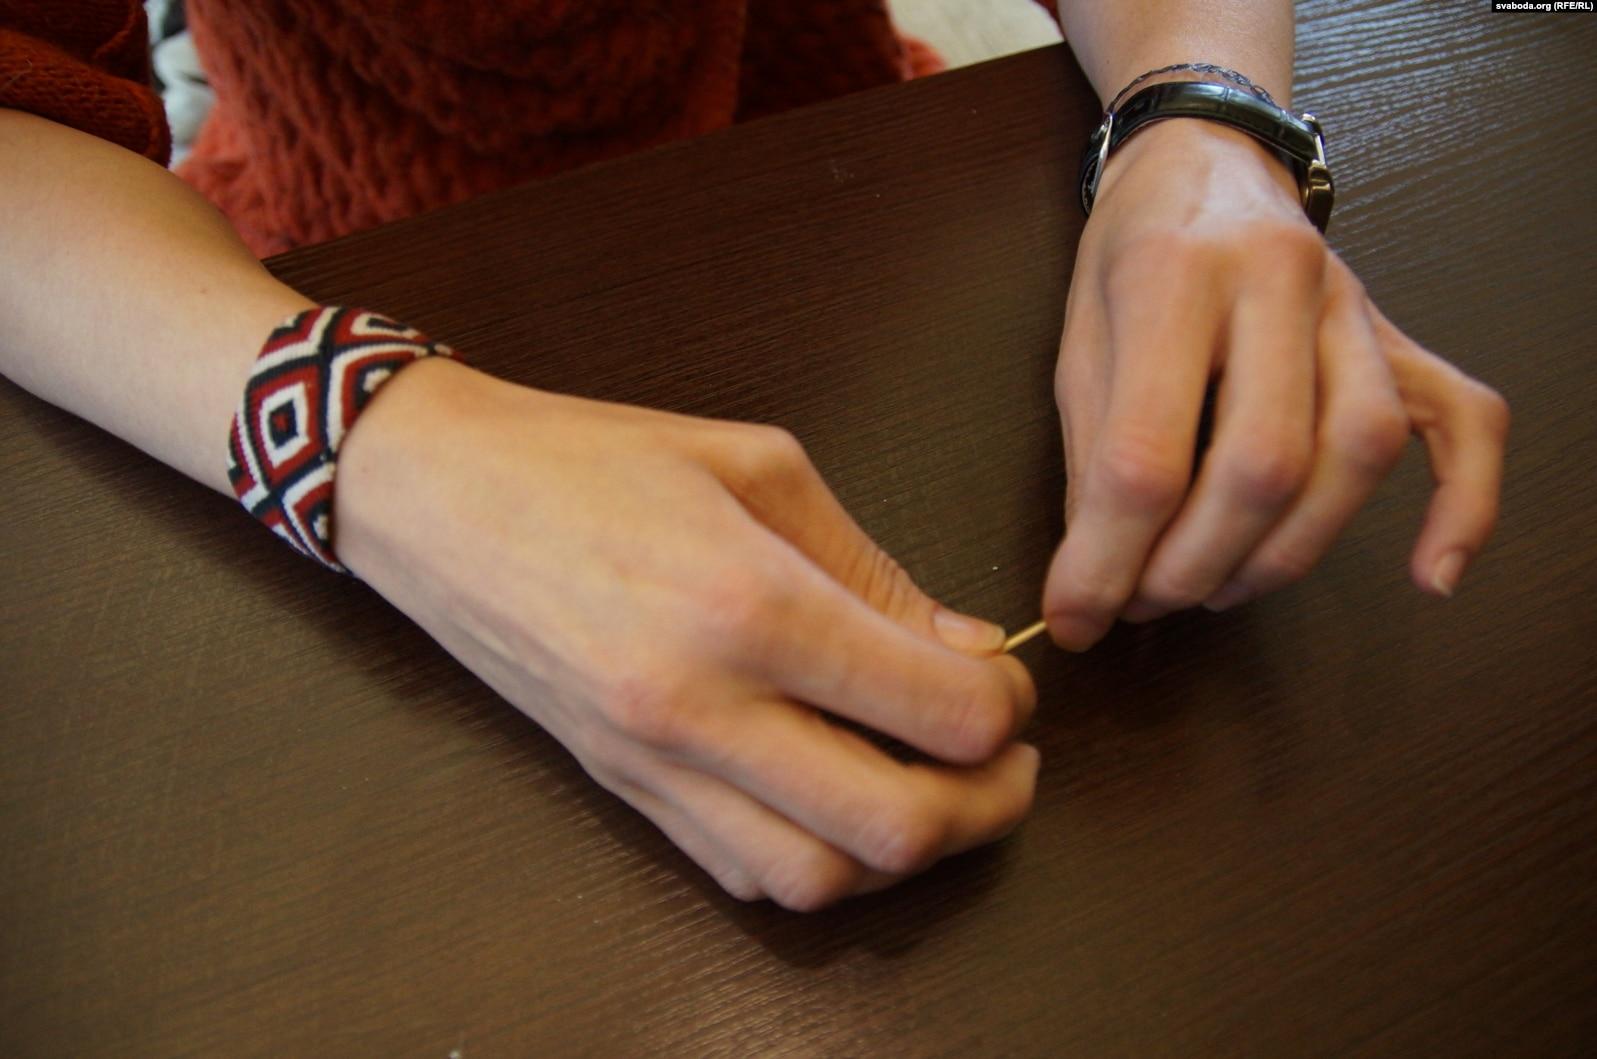 Споведзь беларускі, якая 7 год правяла ў калёніі за наркотыкі і зьнялася ў кіно.